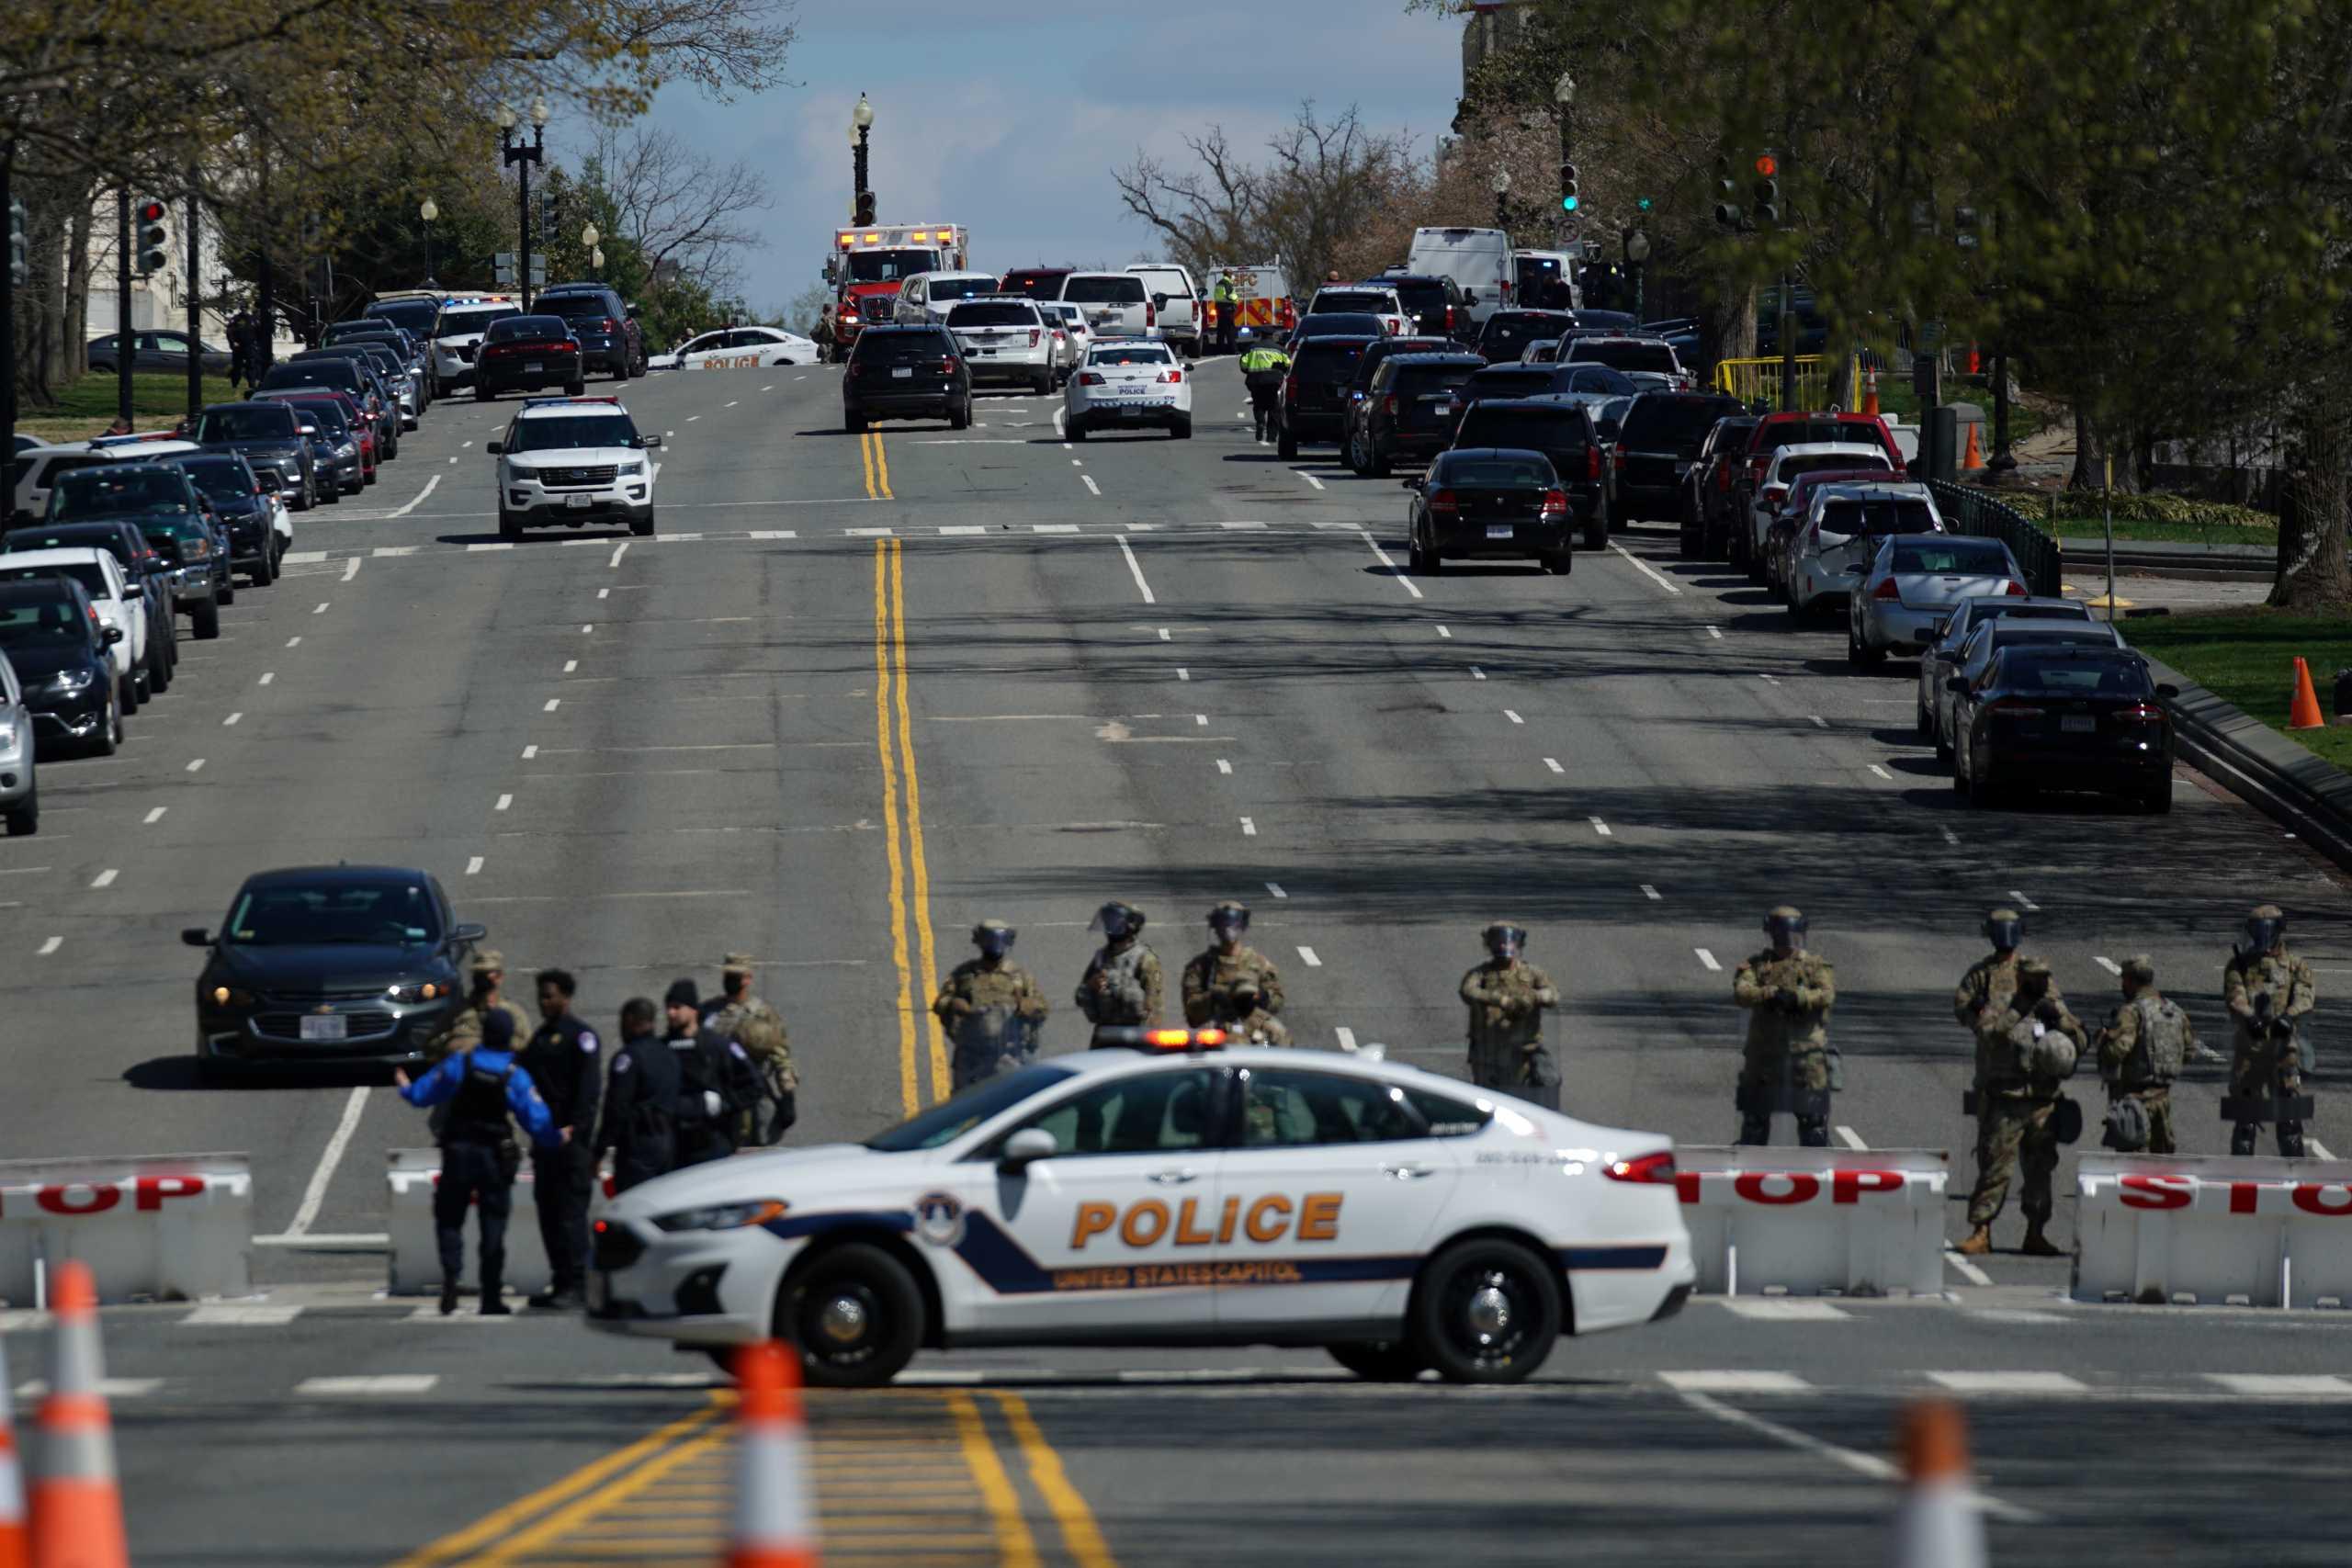 Συναγερμός στο Καπιτώλιο – Απειλή για βόμβα σε παγιδευμένο φορτηγάκι